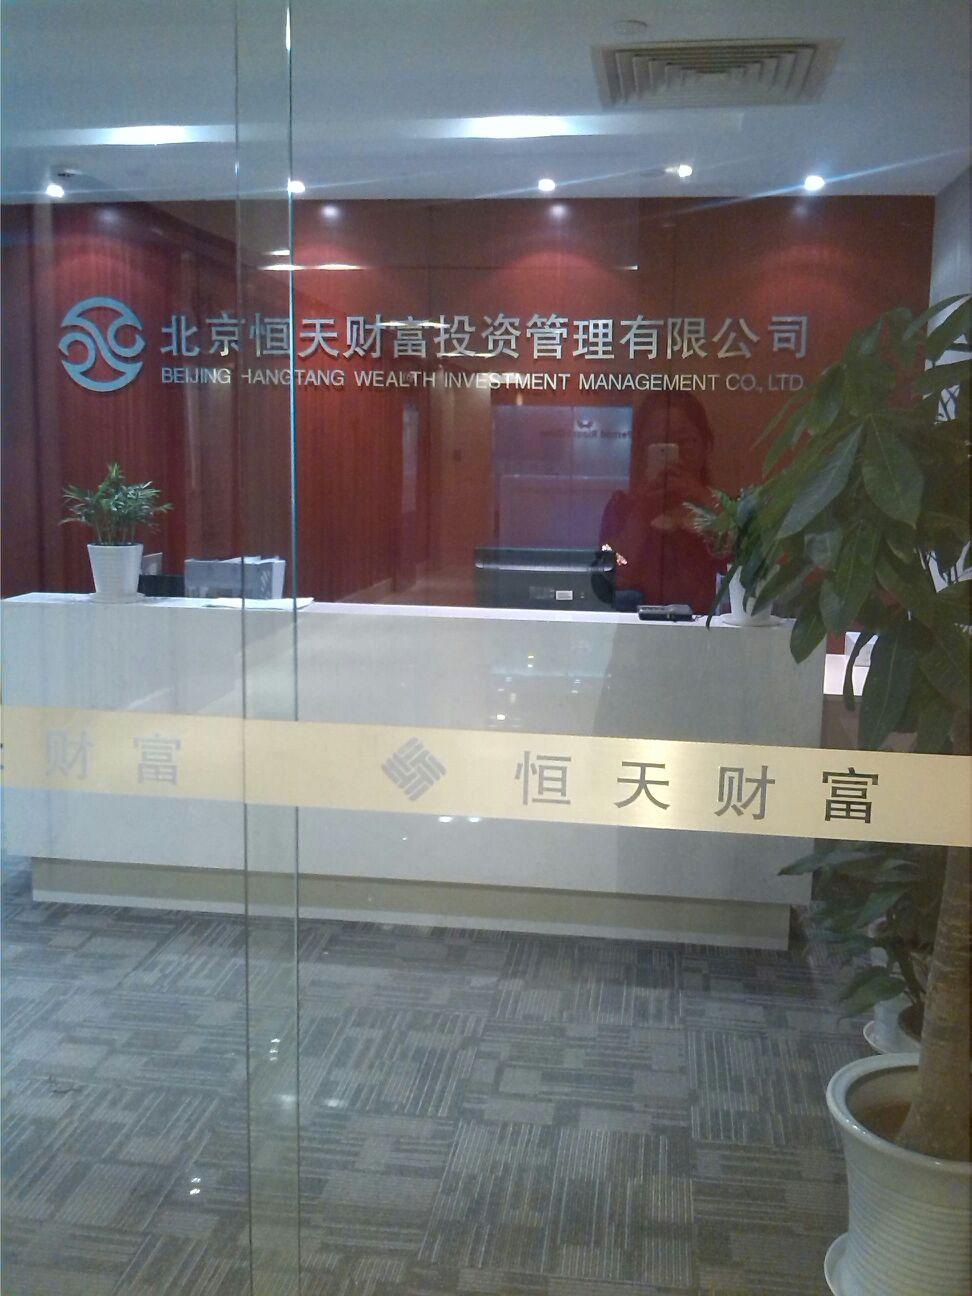 北京恒天财富投资管理有限公司